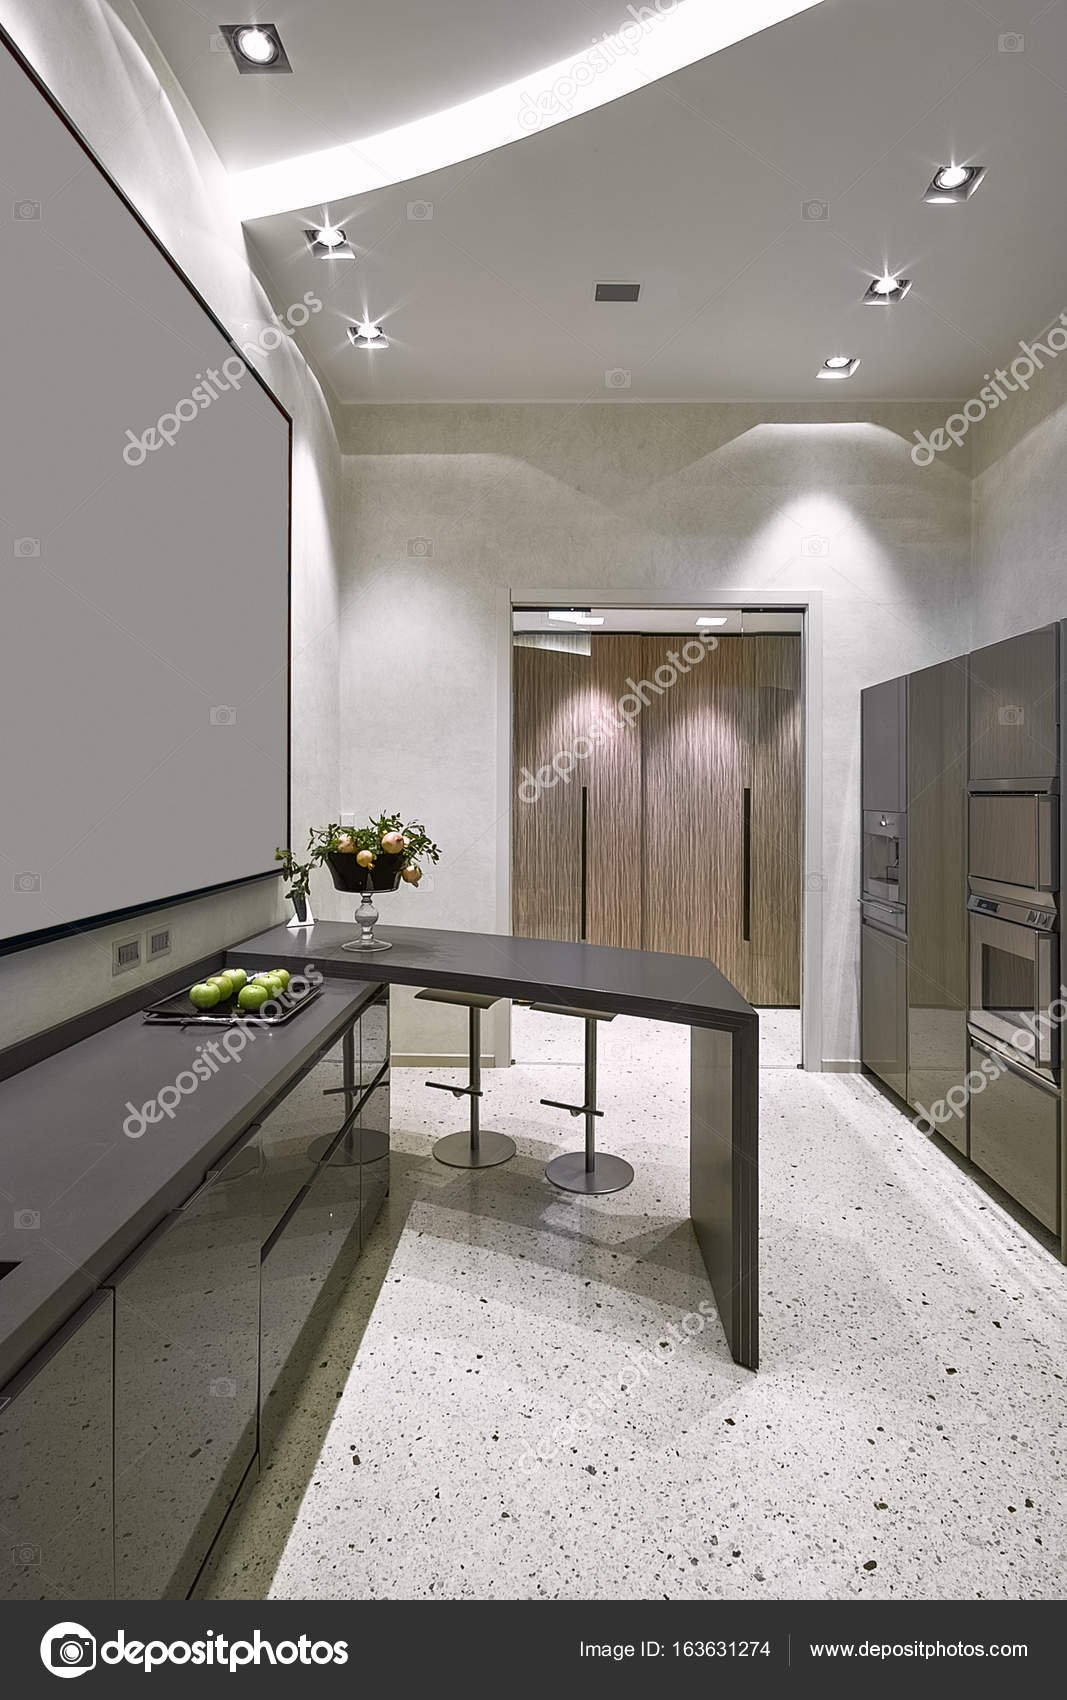 Fotos De Interiores De Uma Cozinha Moderna Stock Photo